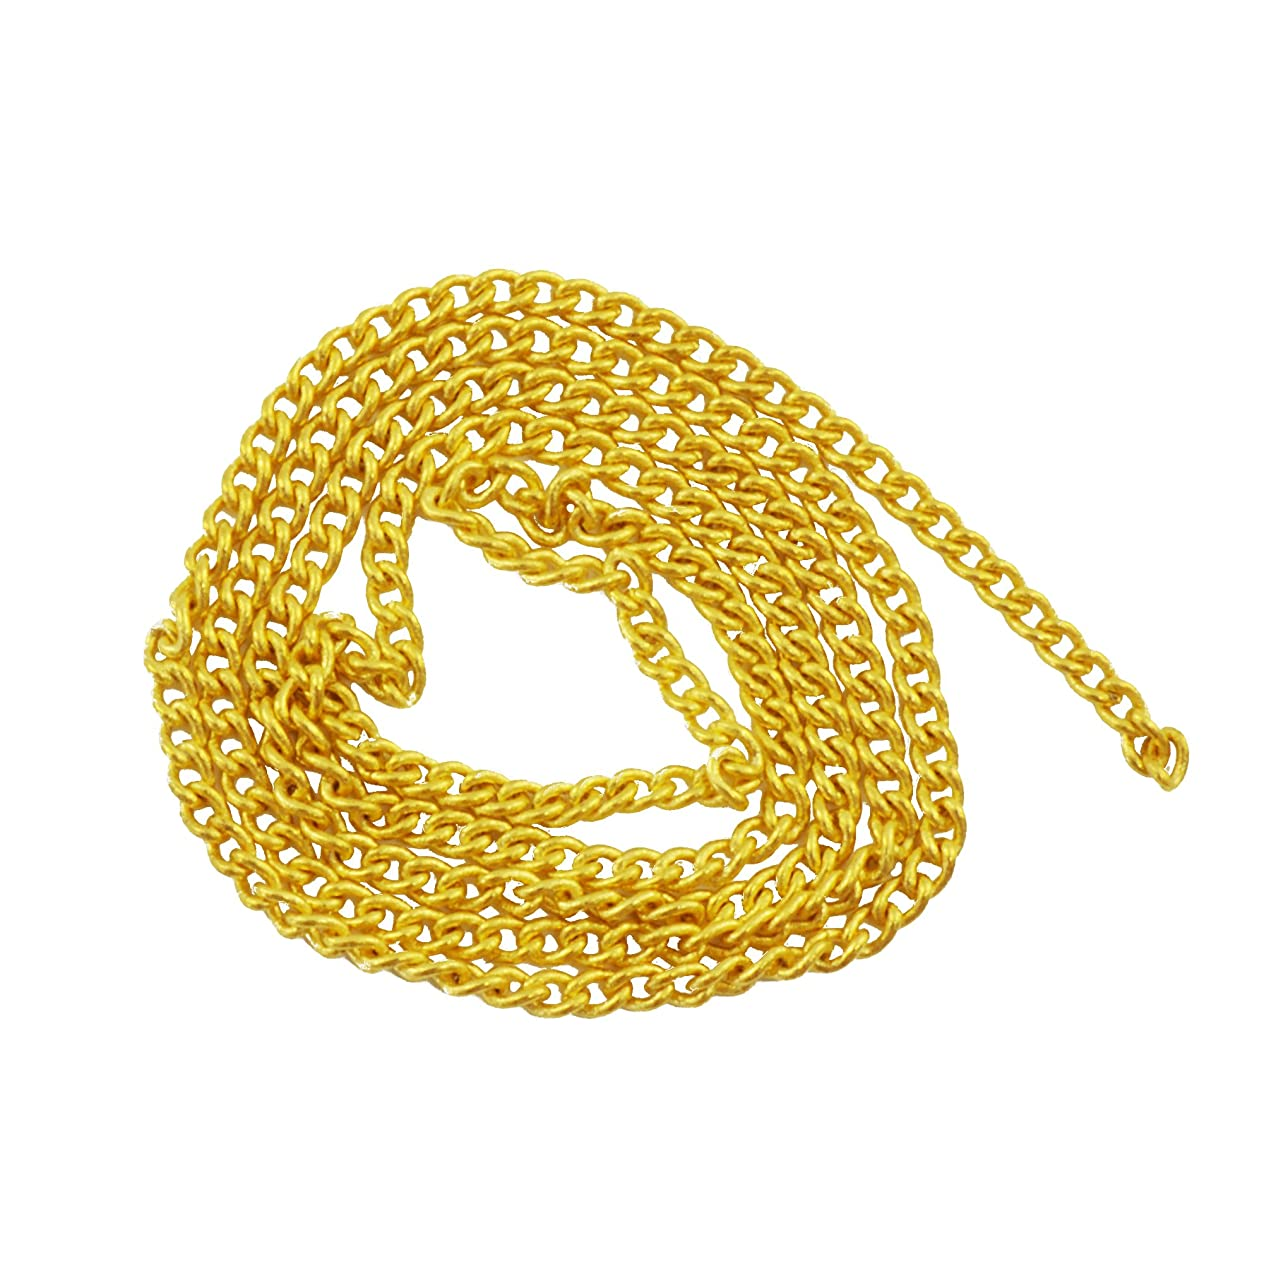 農場寝室検索エンジンマーケティングネイルパーツ ネイルチェーン 20cm ゴールド 金 デコパーツ